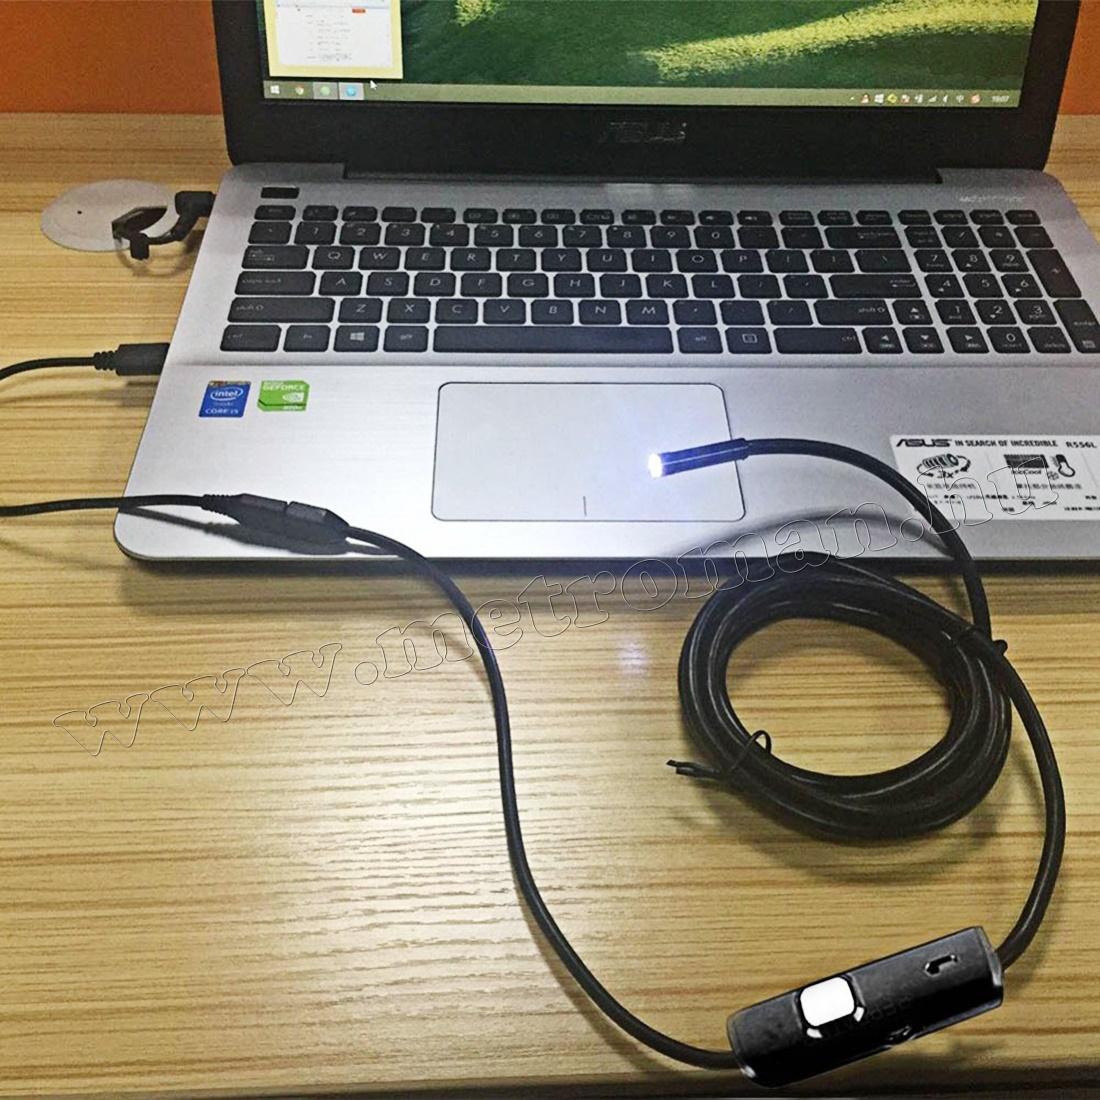 Android USB endoszkóp kamera, LED világítással, Mlogic MM-1666